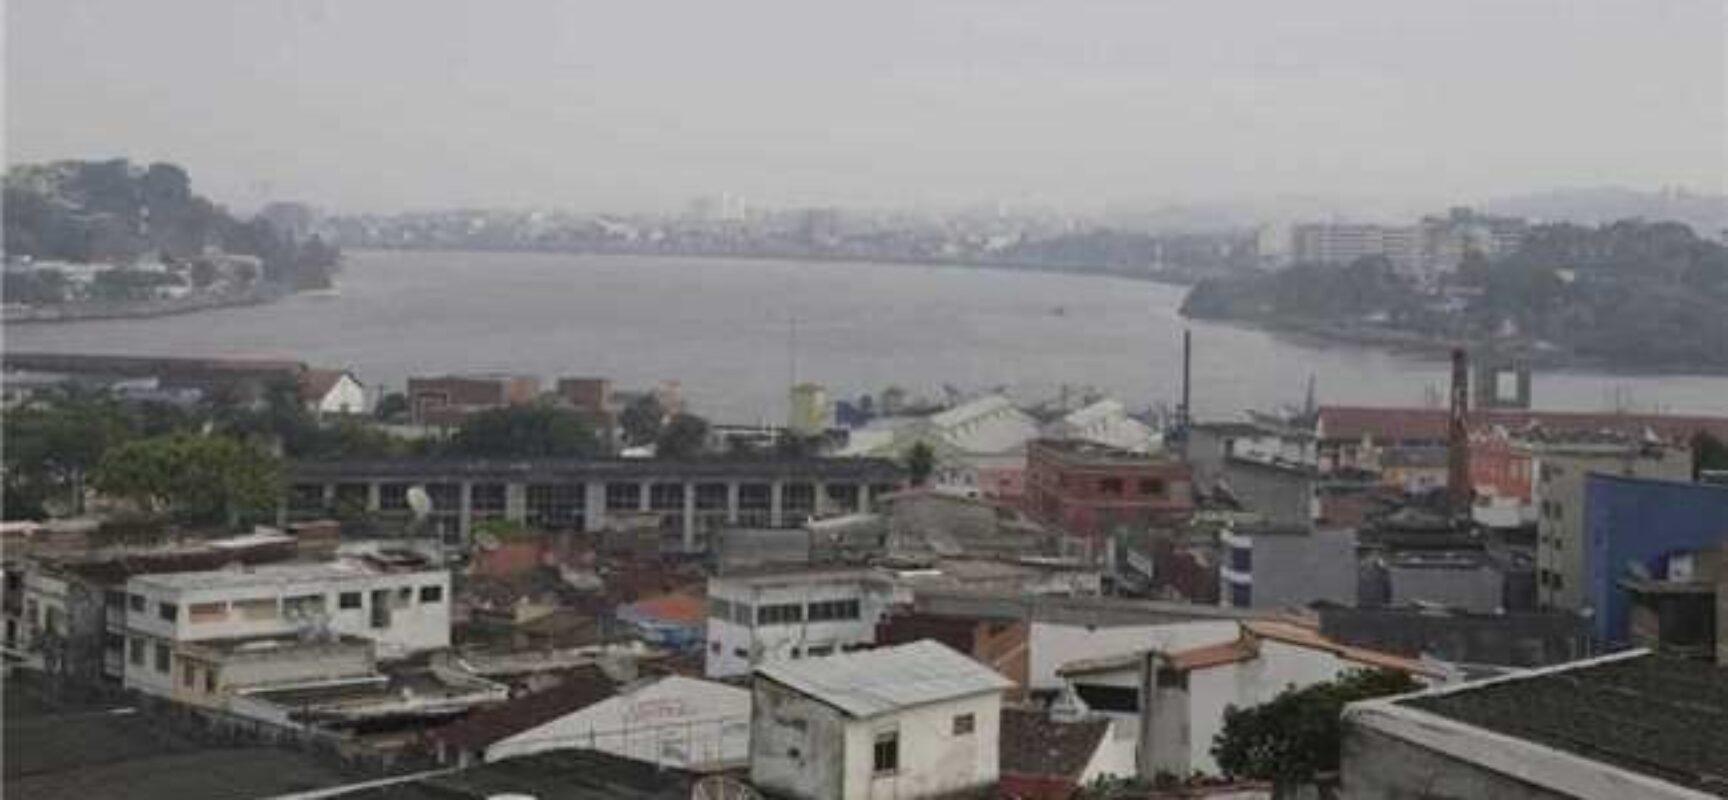 Defesa Civil emite alerta de fortes chuvas para as próximas 48 horas em Ilhéus